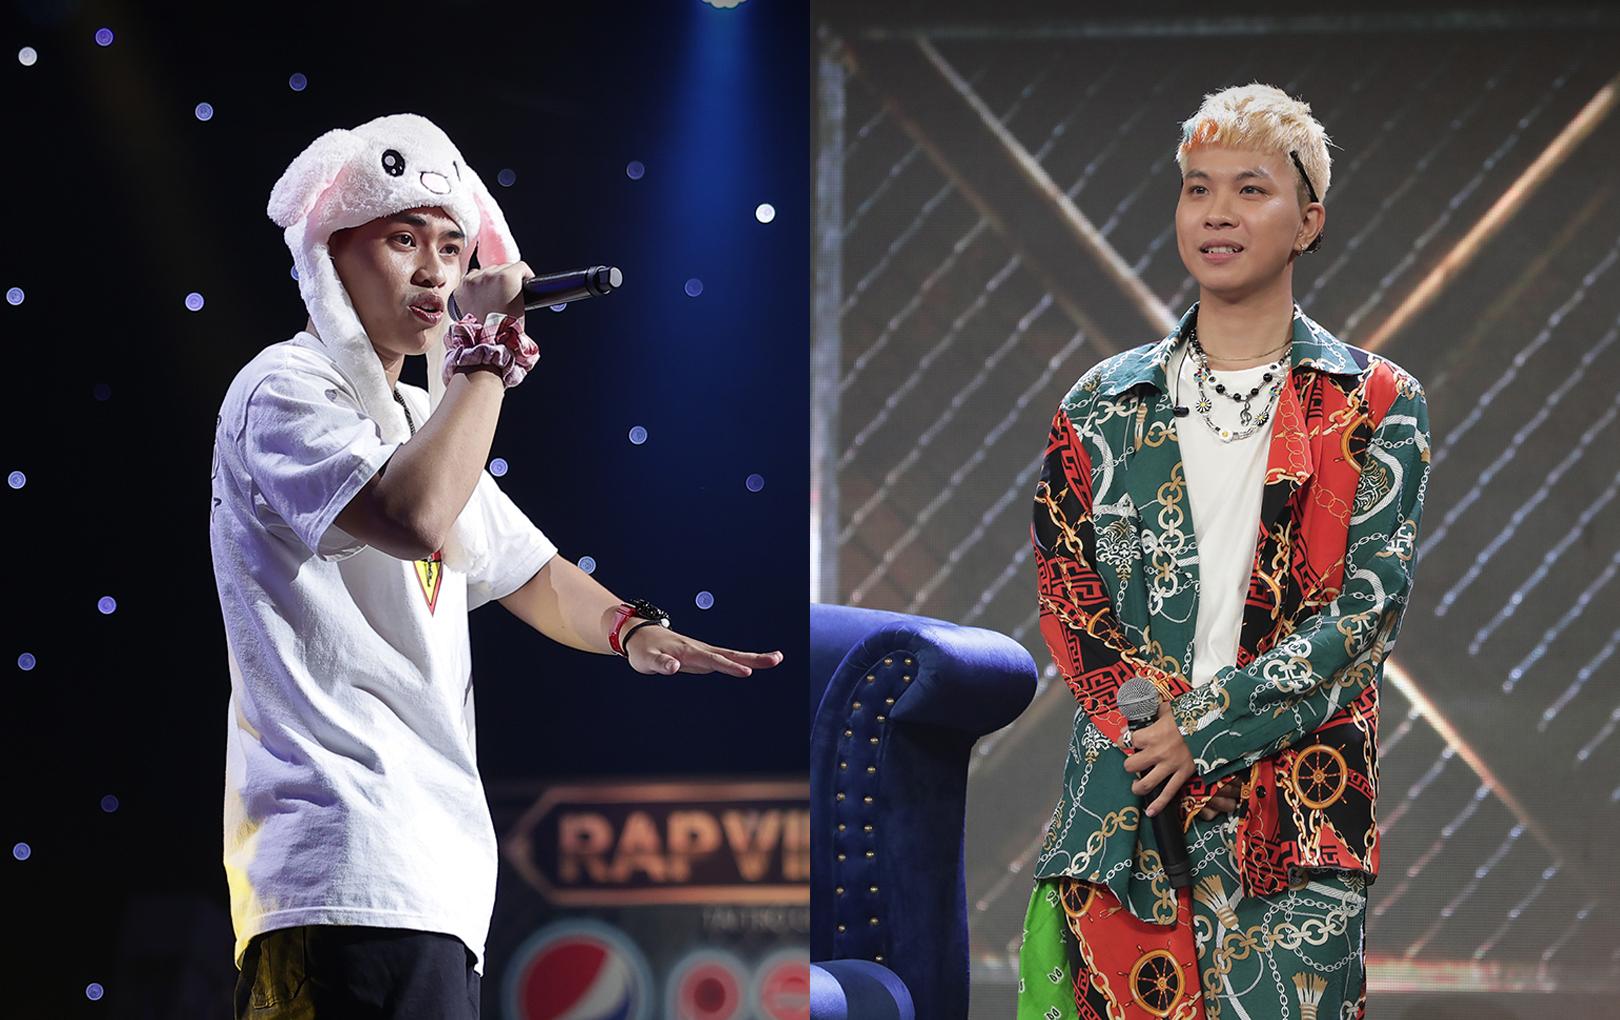 Tranh tài phá kỷ lục trending, G.Ducky, Duy Andy, Tony D., Lor, RTee, Tez cùng lên sóng tập 12 Rap Việt